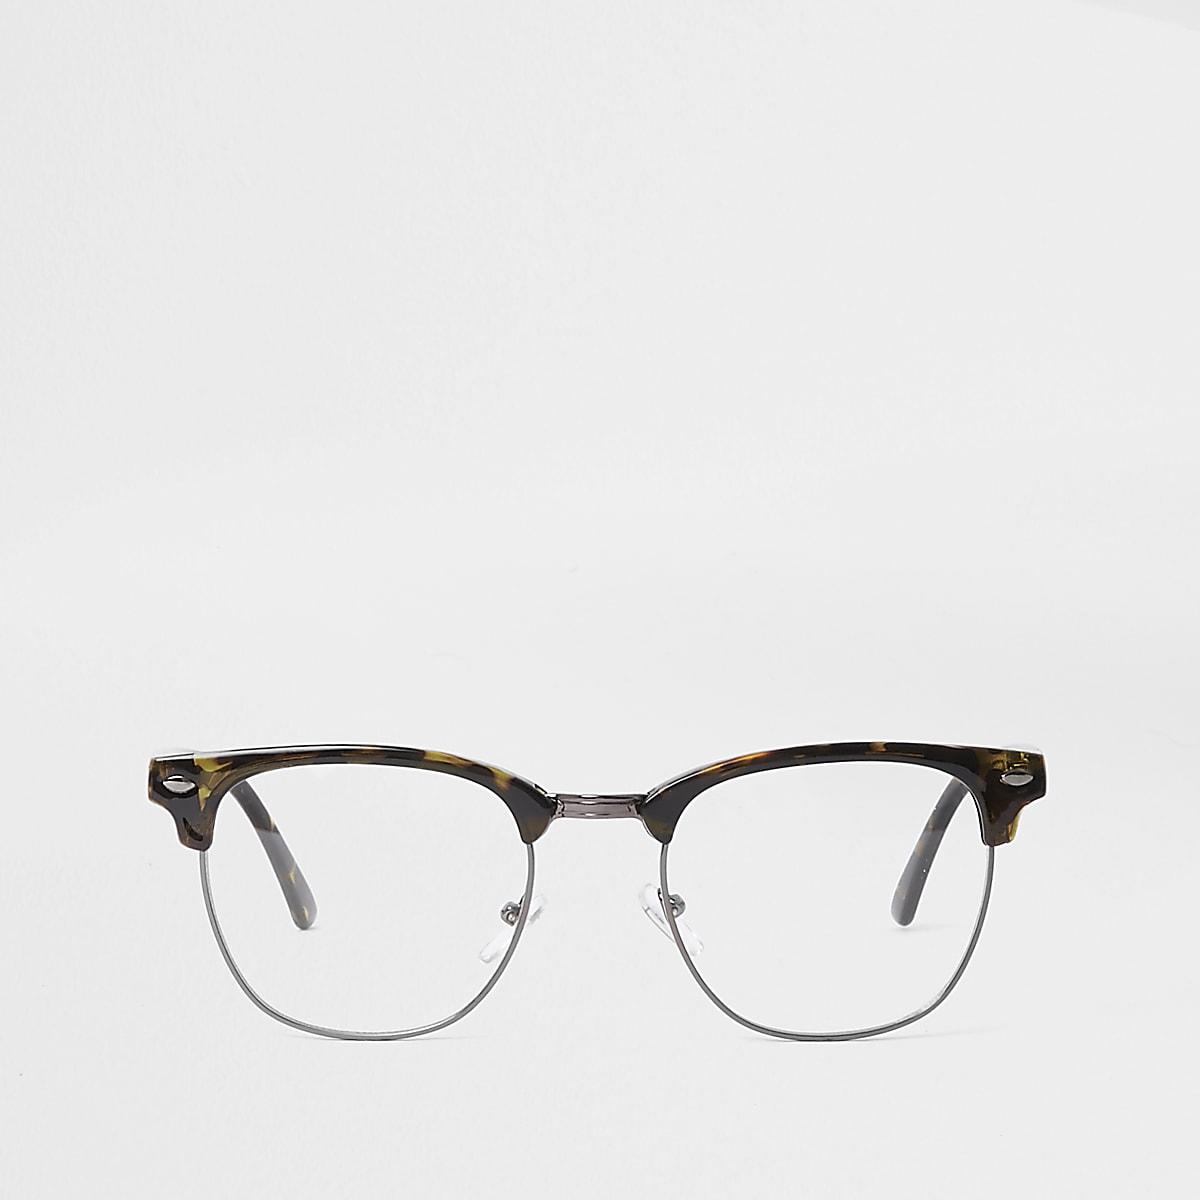 8fb5a3e6e4f07 Brown tortoiseshell clear lens glasses - Round Sunglasses - Sunglasses - men